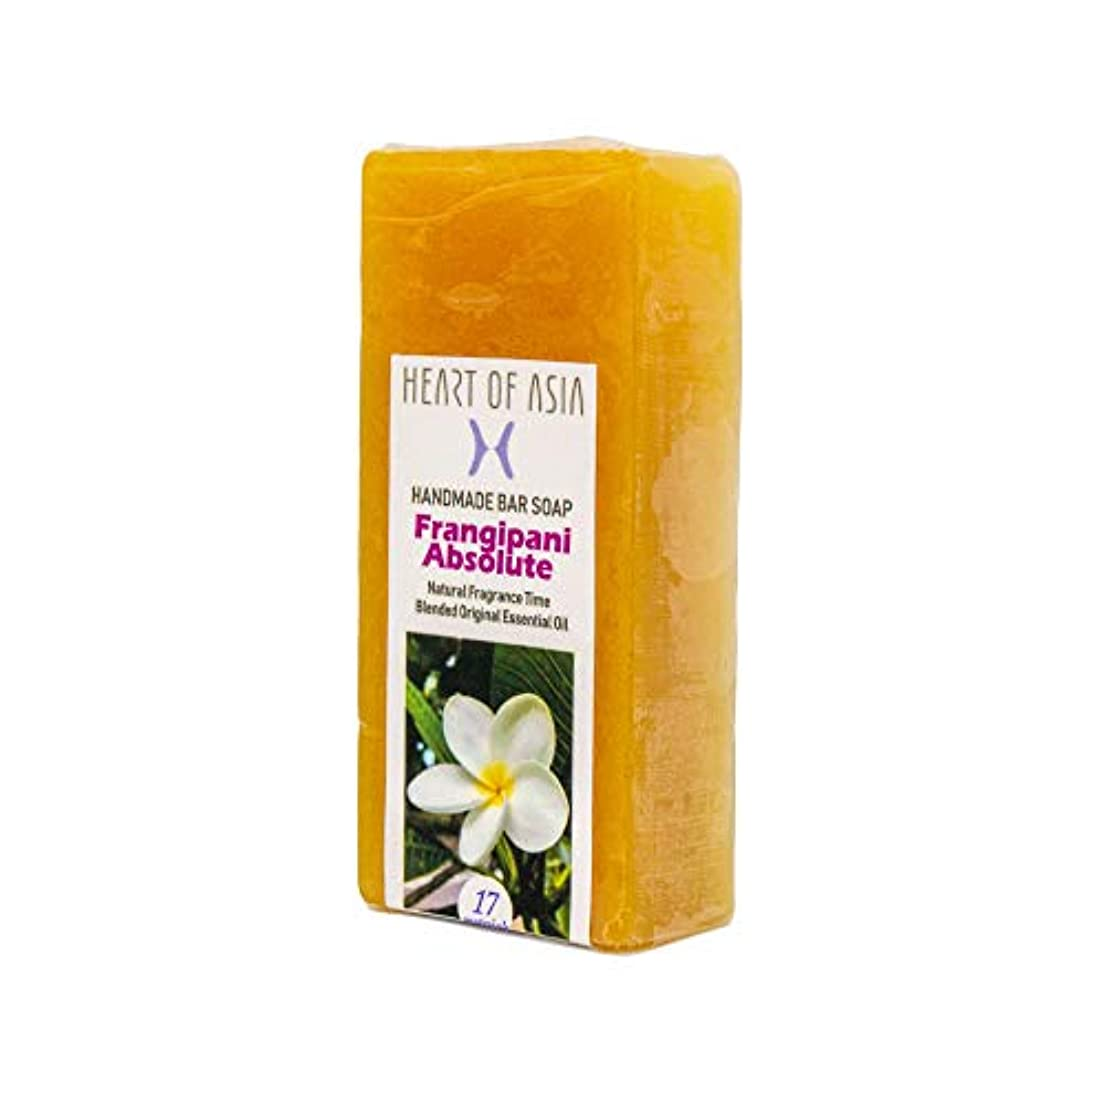 気づくなる密アベニュー香水のようなフレグランス石けん HANDMADE BAR SOAP ~Frangipani Absolute~ (単品)